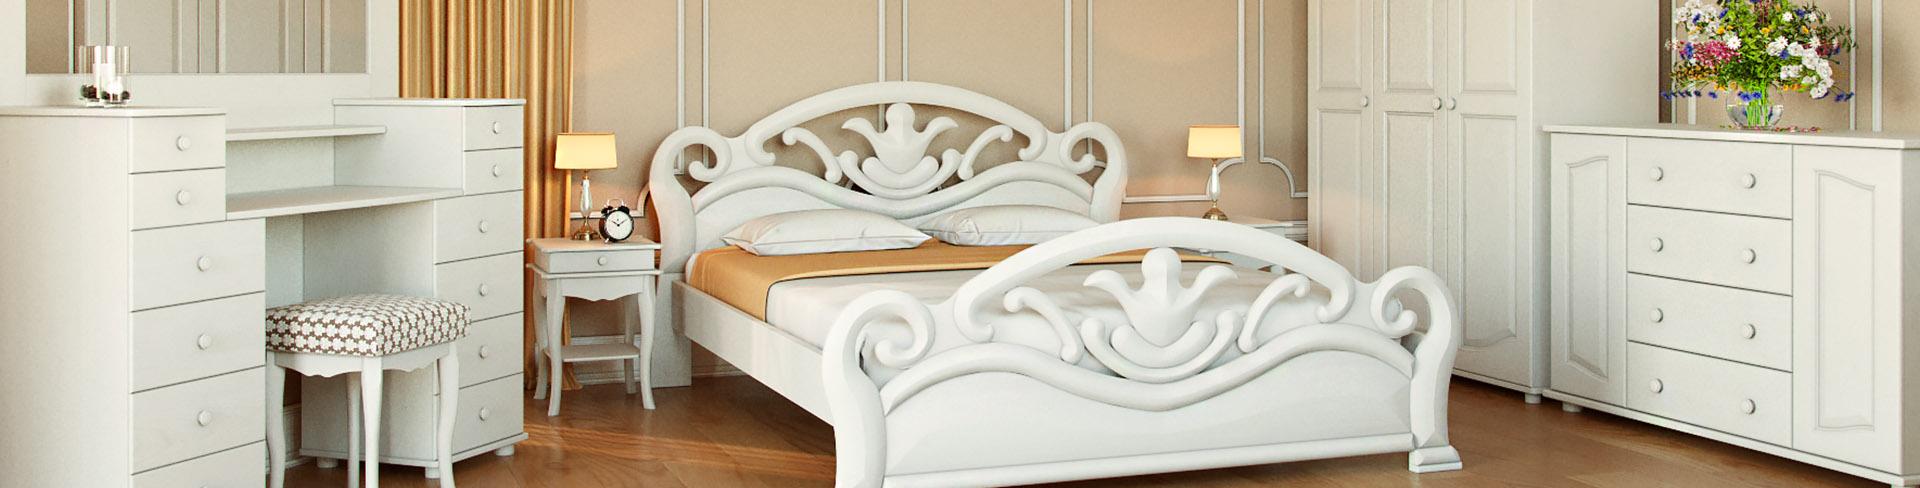 Мебель «Скиф» профессиональное воплощение Вашей мечты!